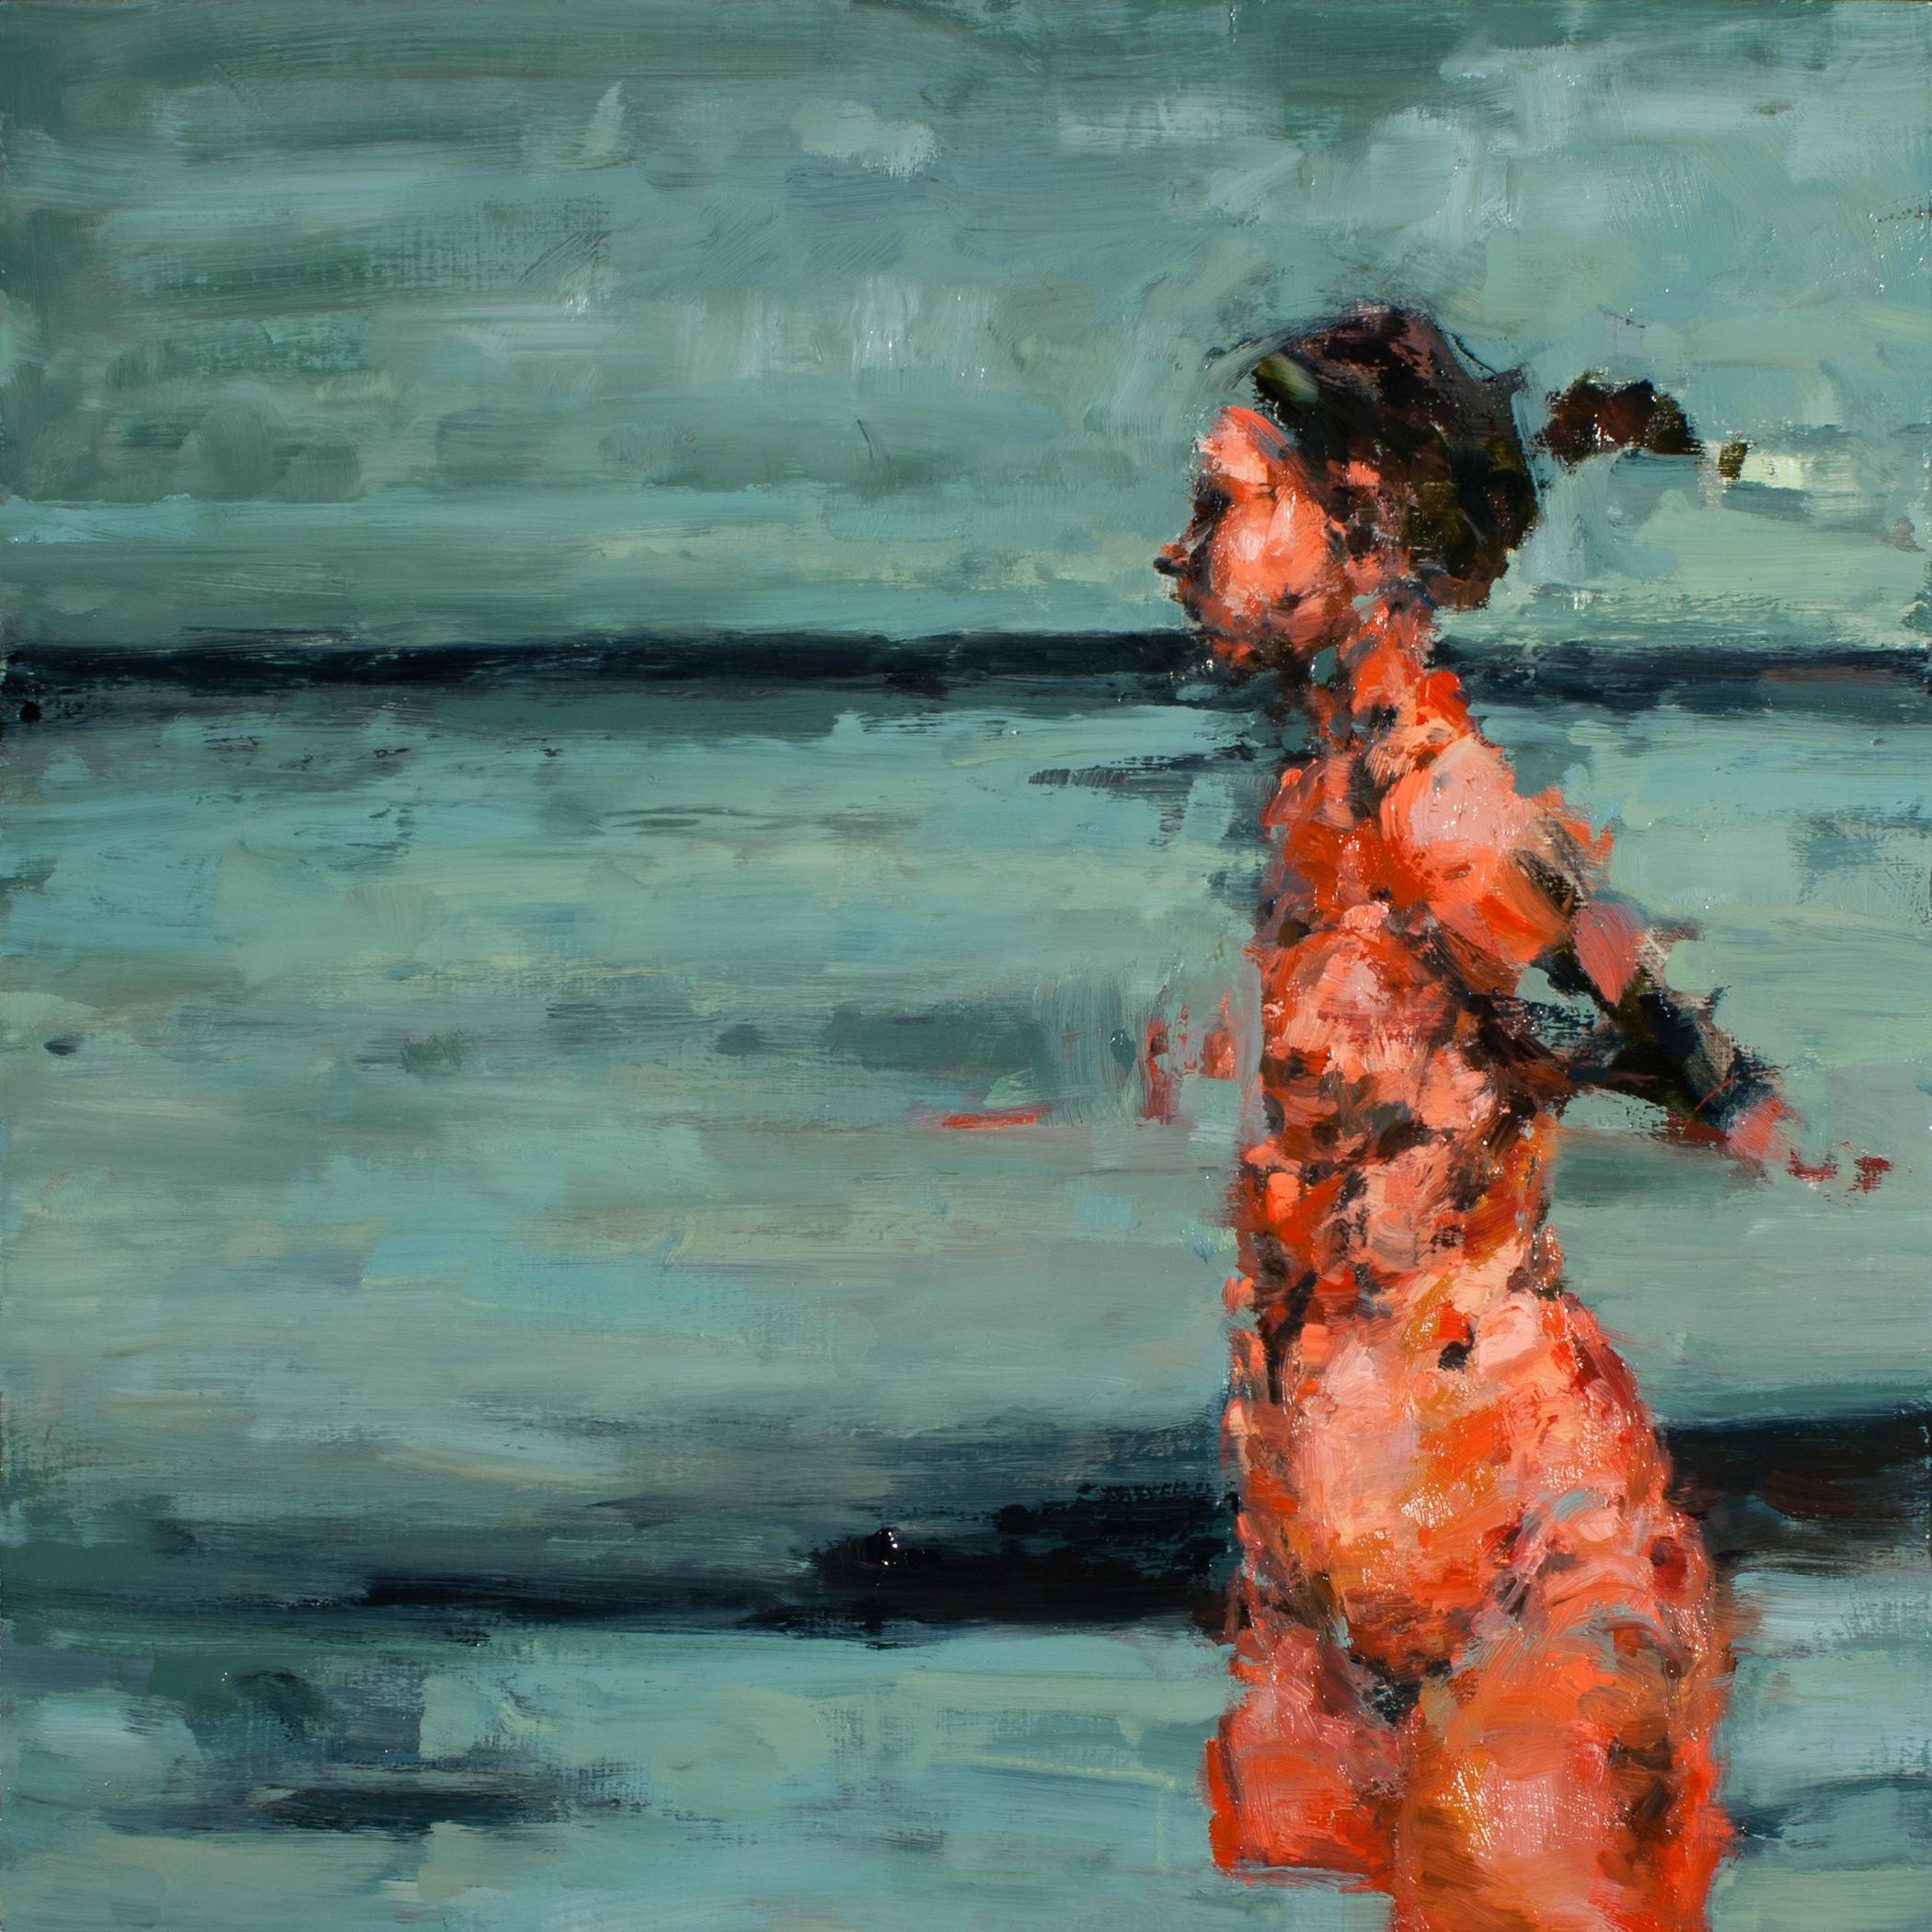 """Longing, oil on board, 16"""" x 16"""" x 2"""", 2013"""